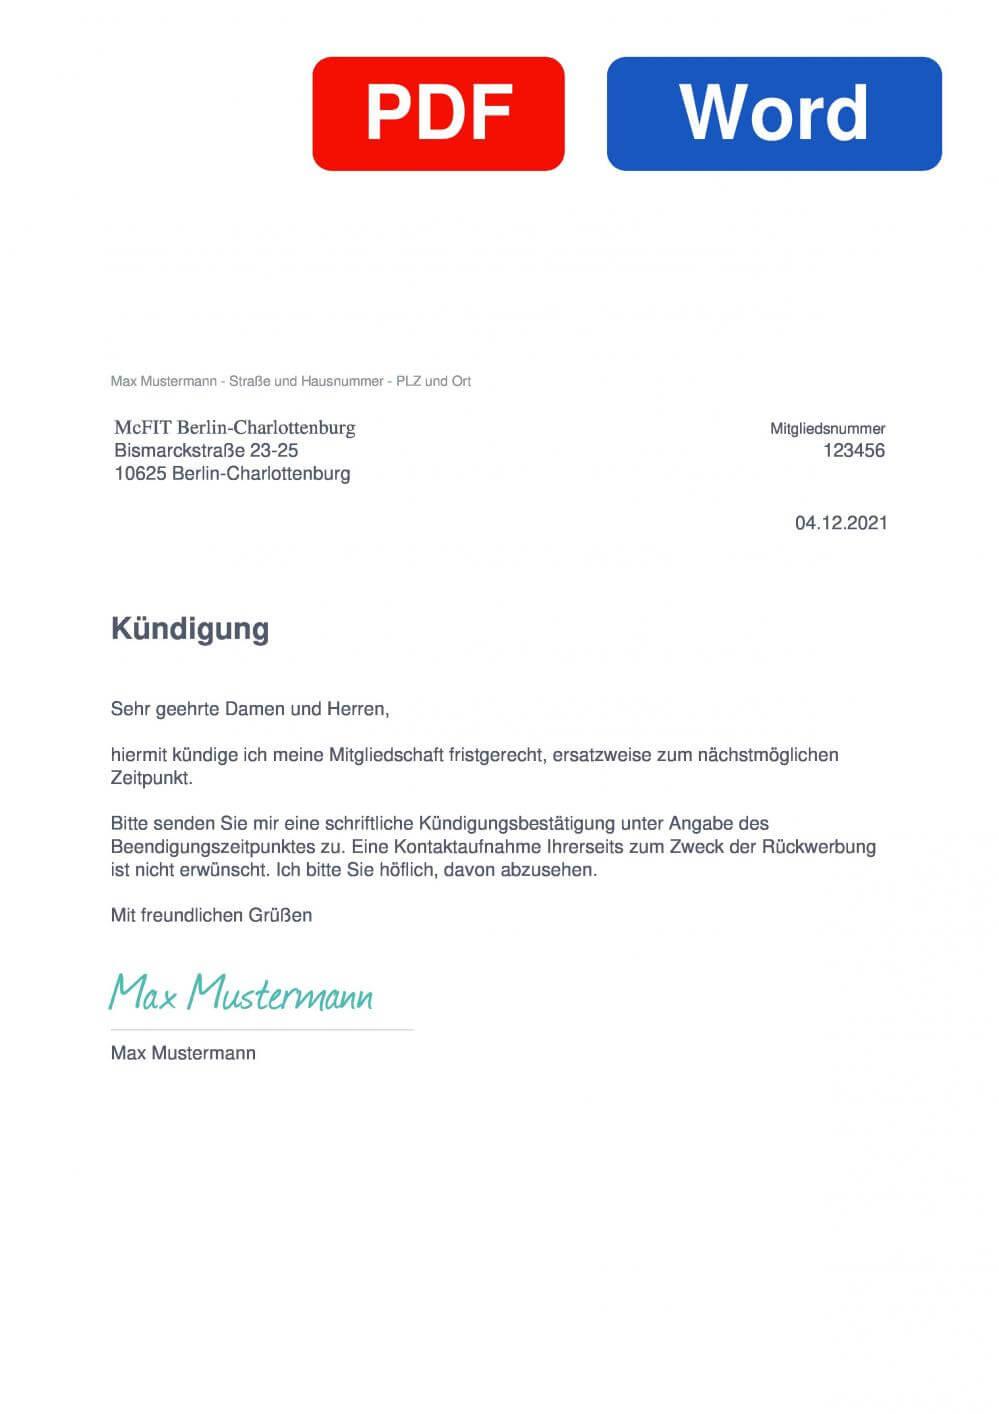 McFIT Berlin-Charlottenburg Muster Vorlage für Kündigungsschreiben